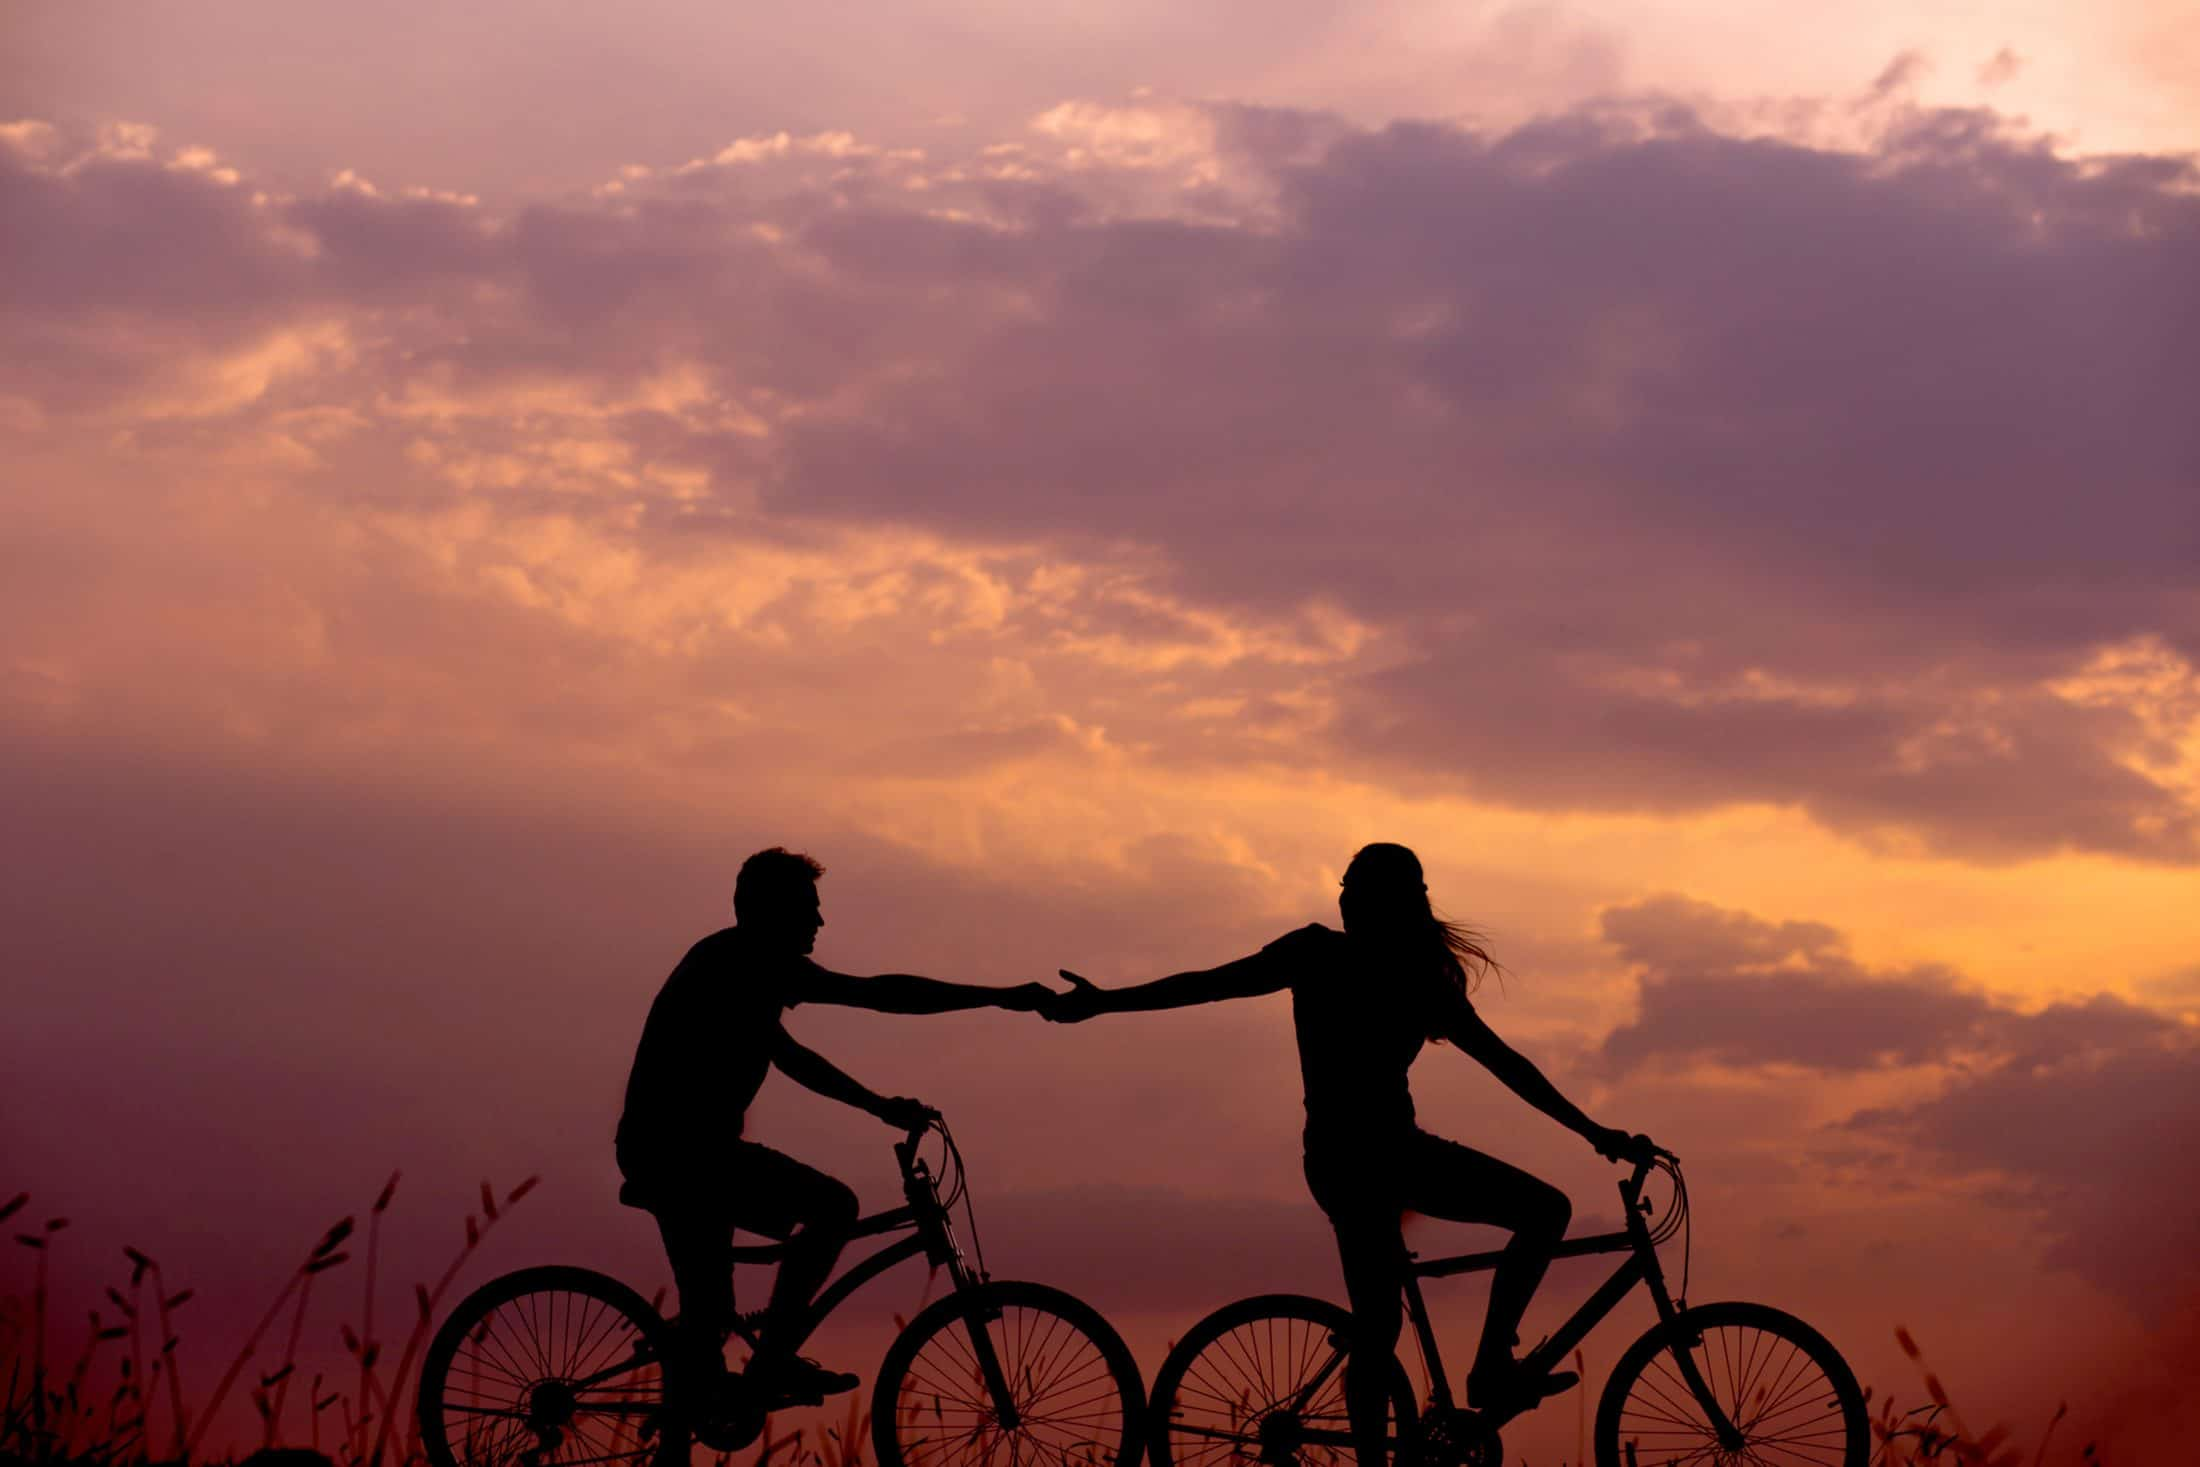 Kerékpáros segít a másiknak